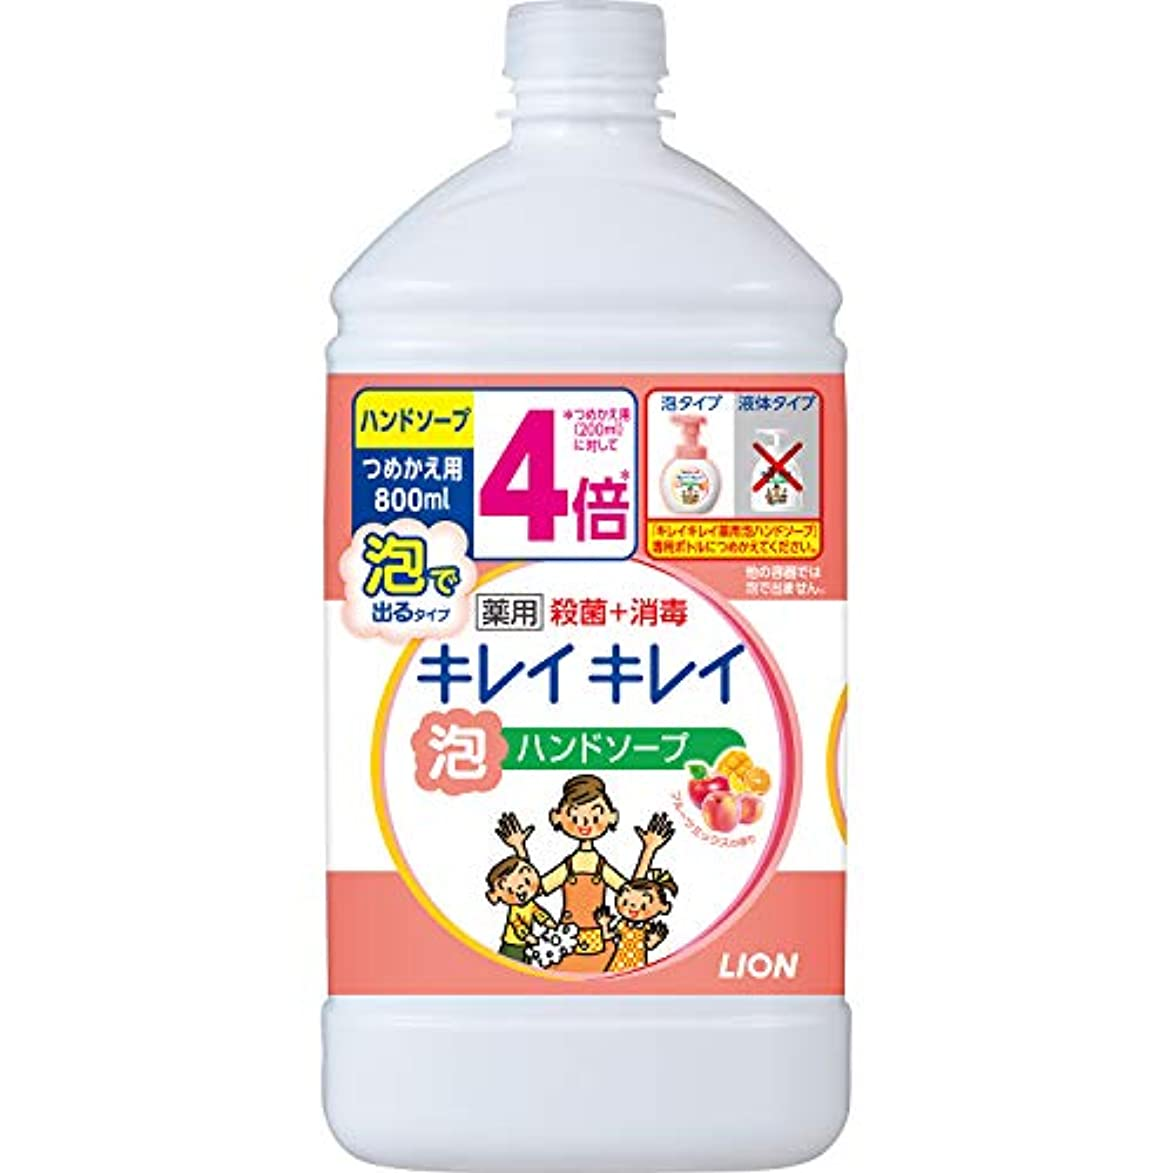 道を作る束法令(医薬部外品)【大容量】キレイキレイ 薬用 泡ハンドソープ フルーツミックスの香り 詰め替え用 800ml